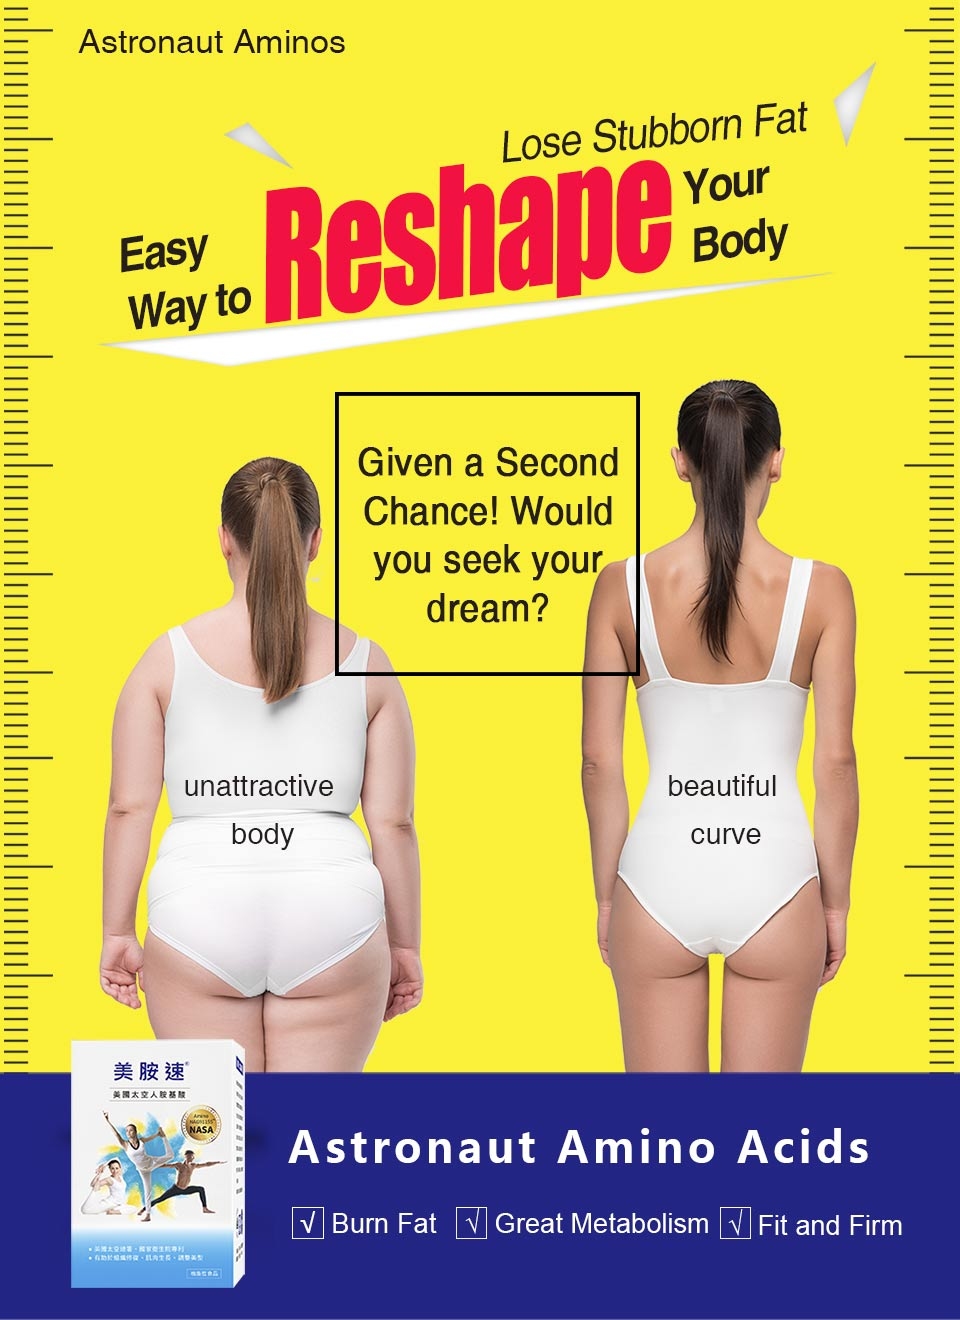 美胺速美國太空人胺基酸打擊頑固脂肪幫助代謝